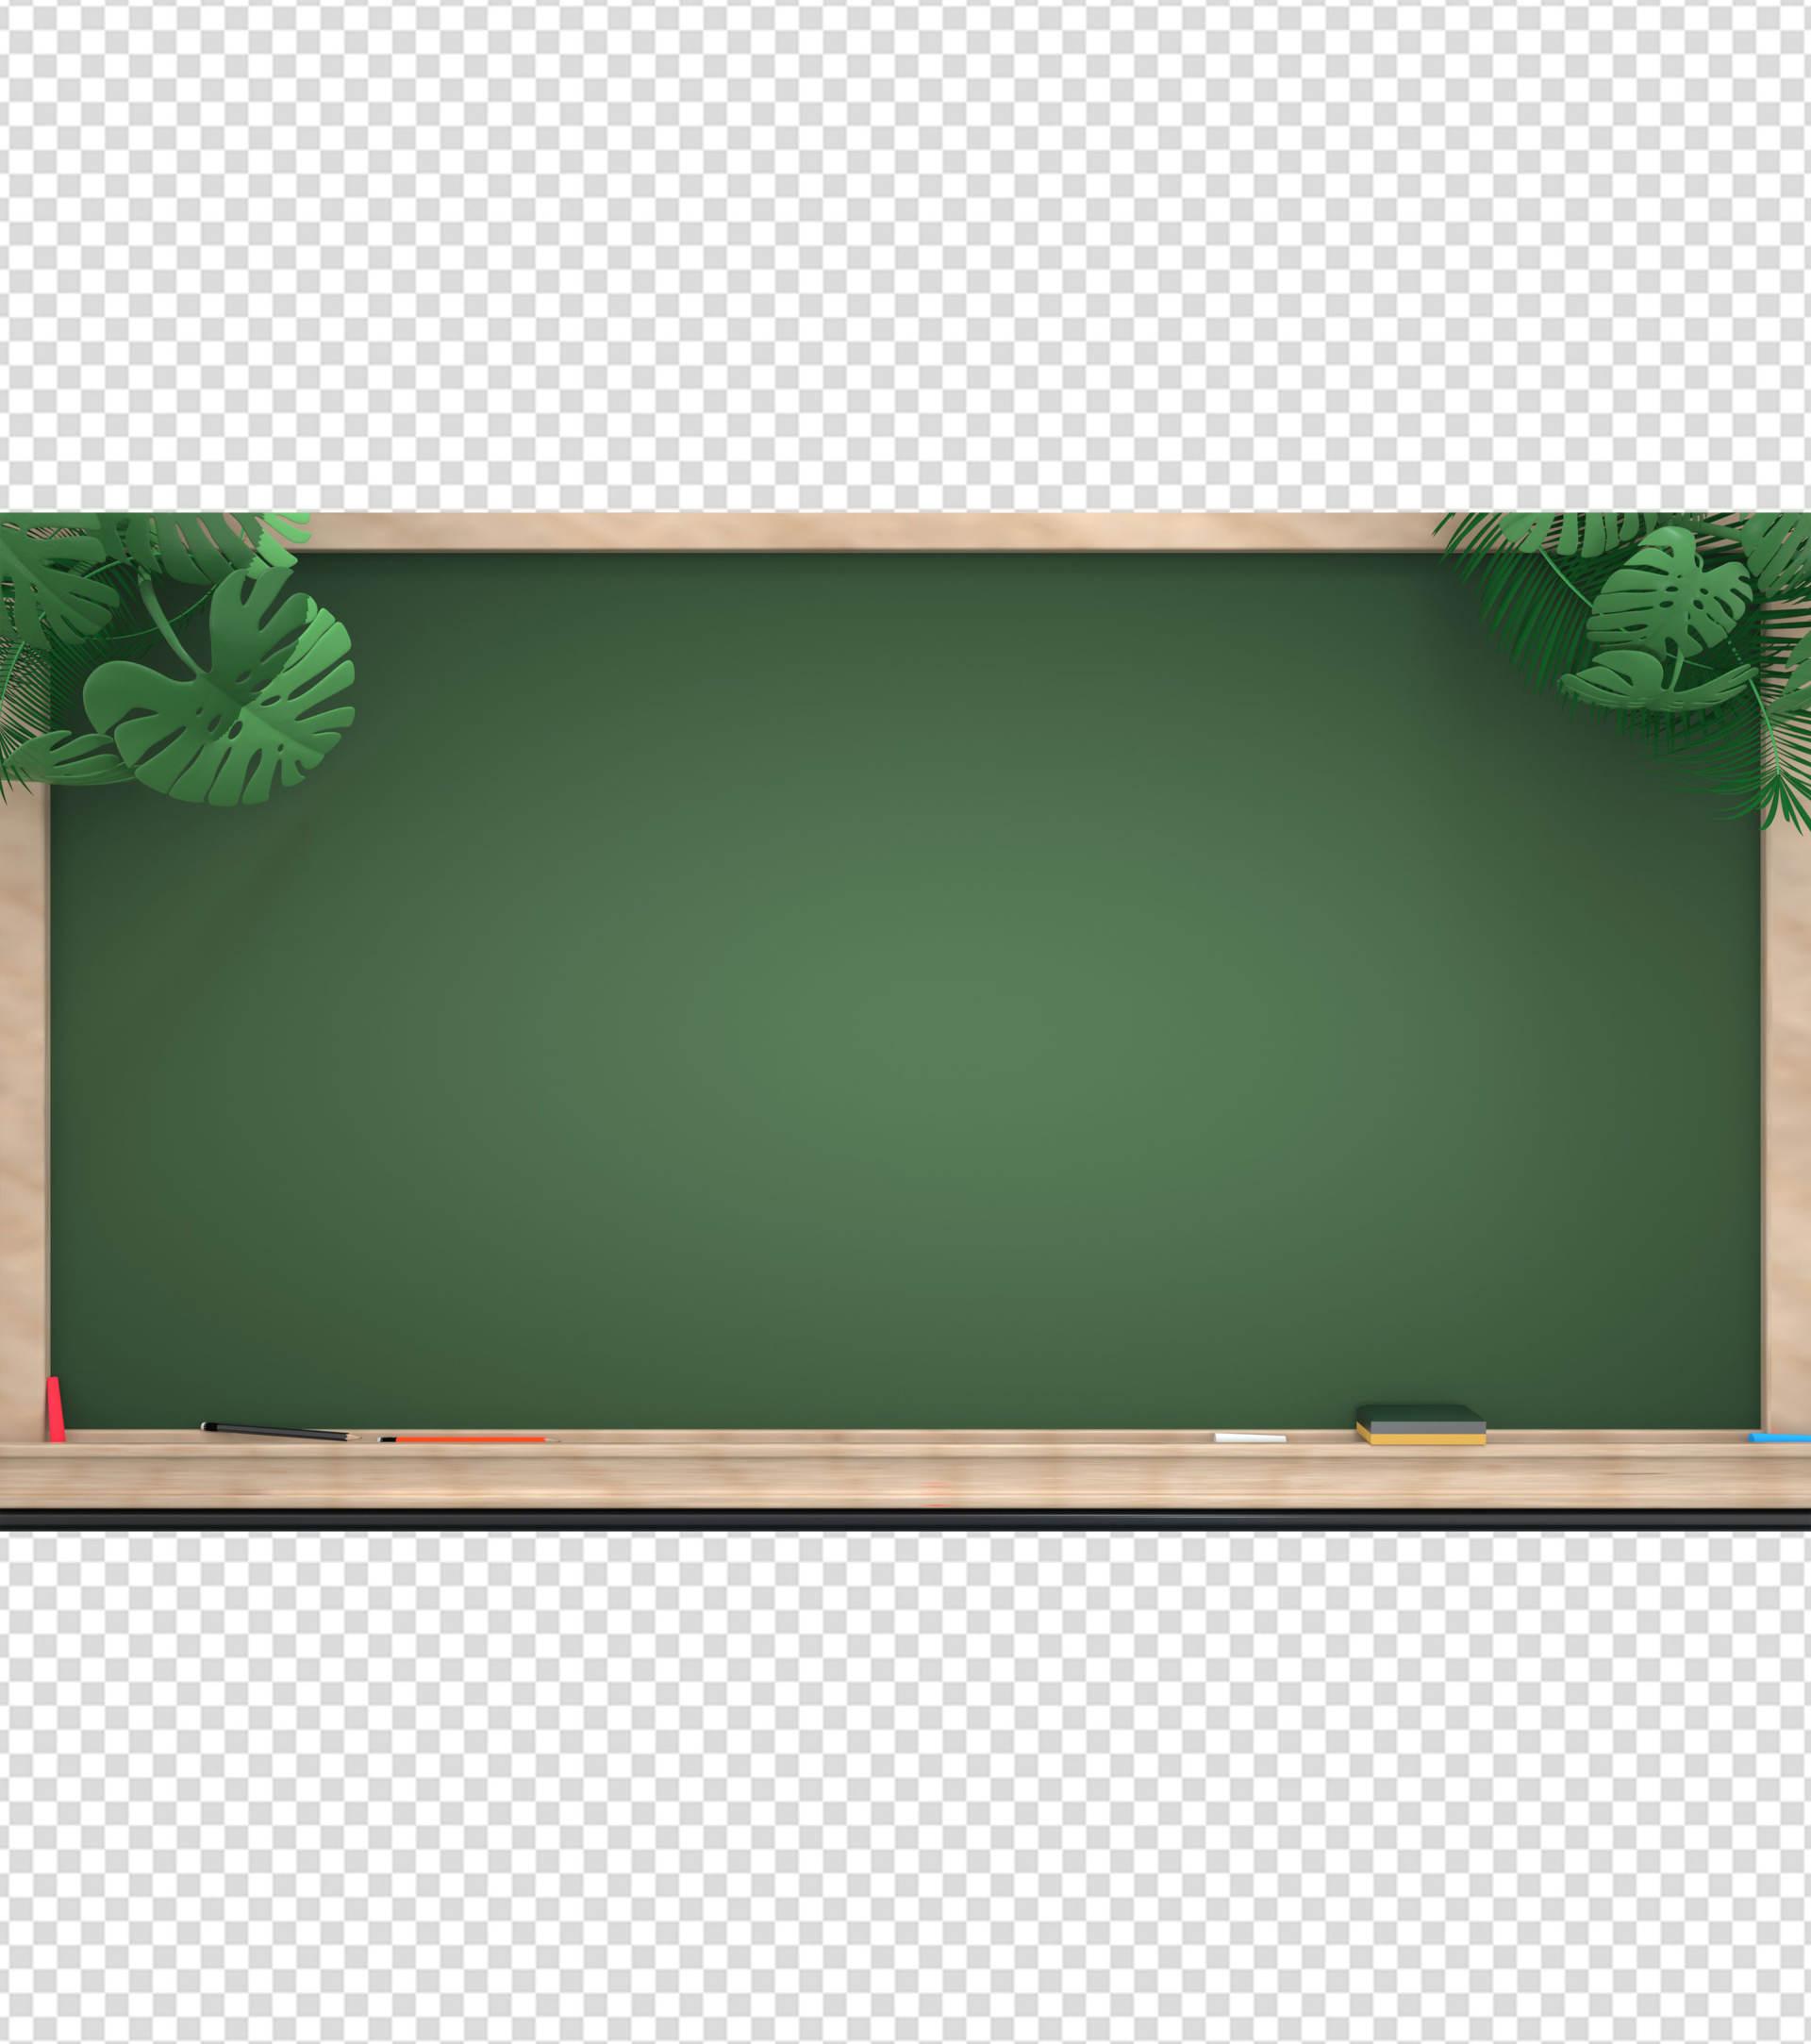 校园创意黑板PPT背景模板